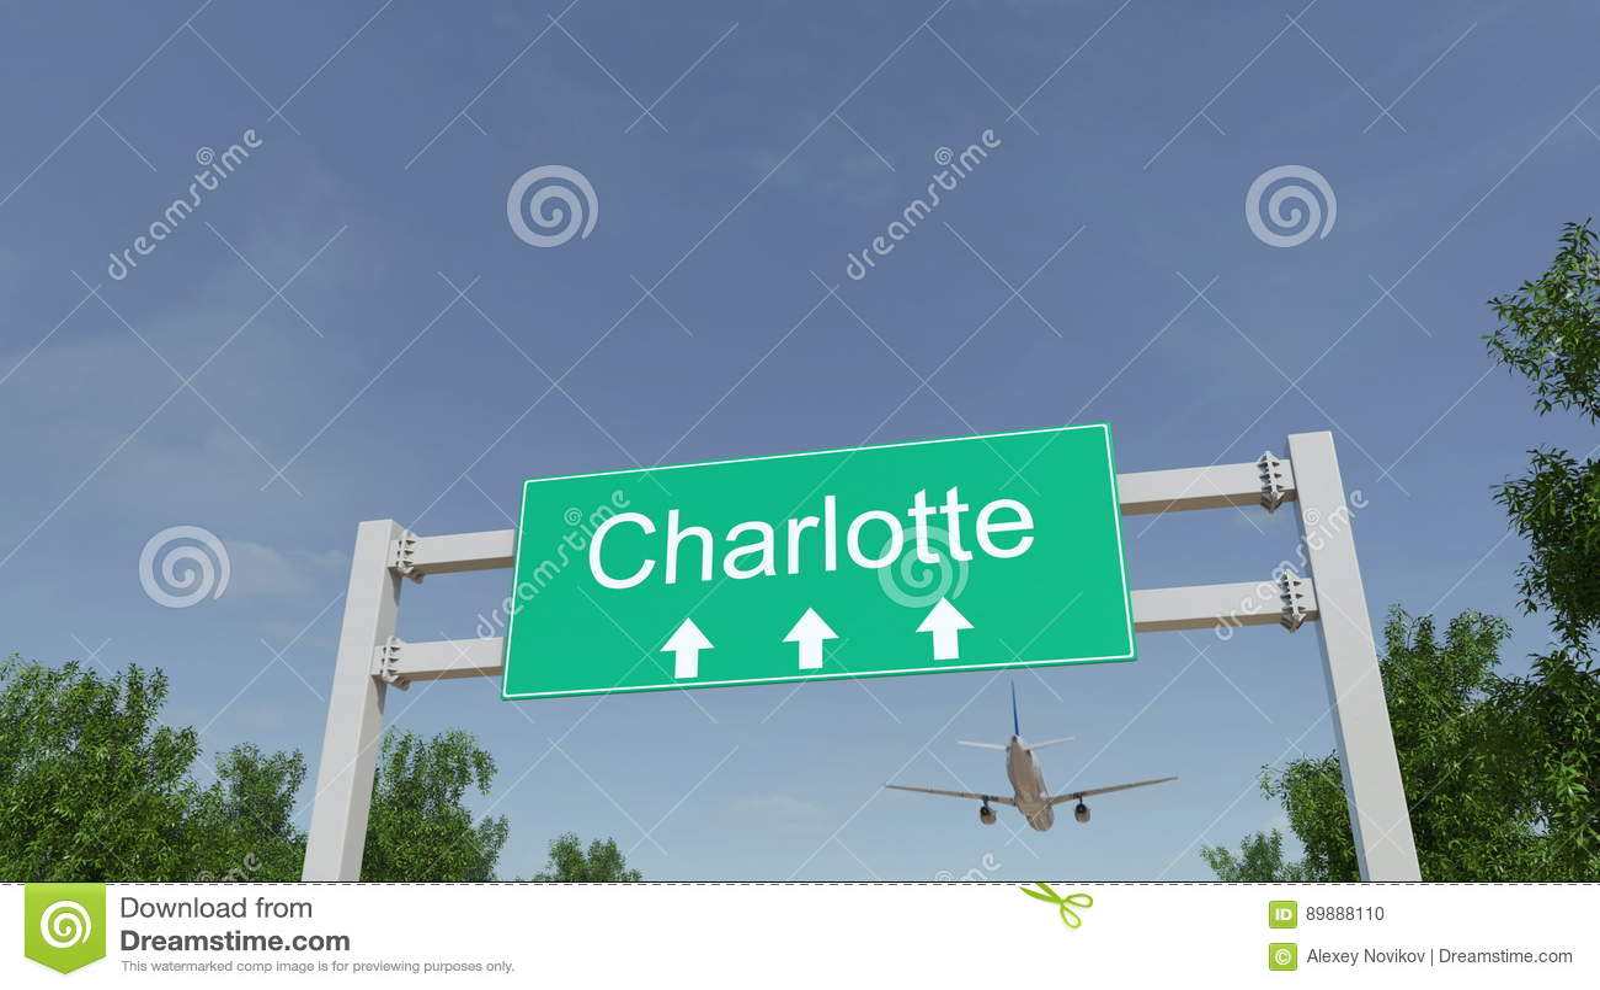 Samolot przyjeżdża Charlotte lotnisko Podróżować Stany Zjednoczone konceptualny 3D rendering